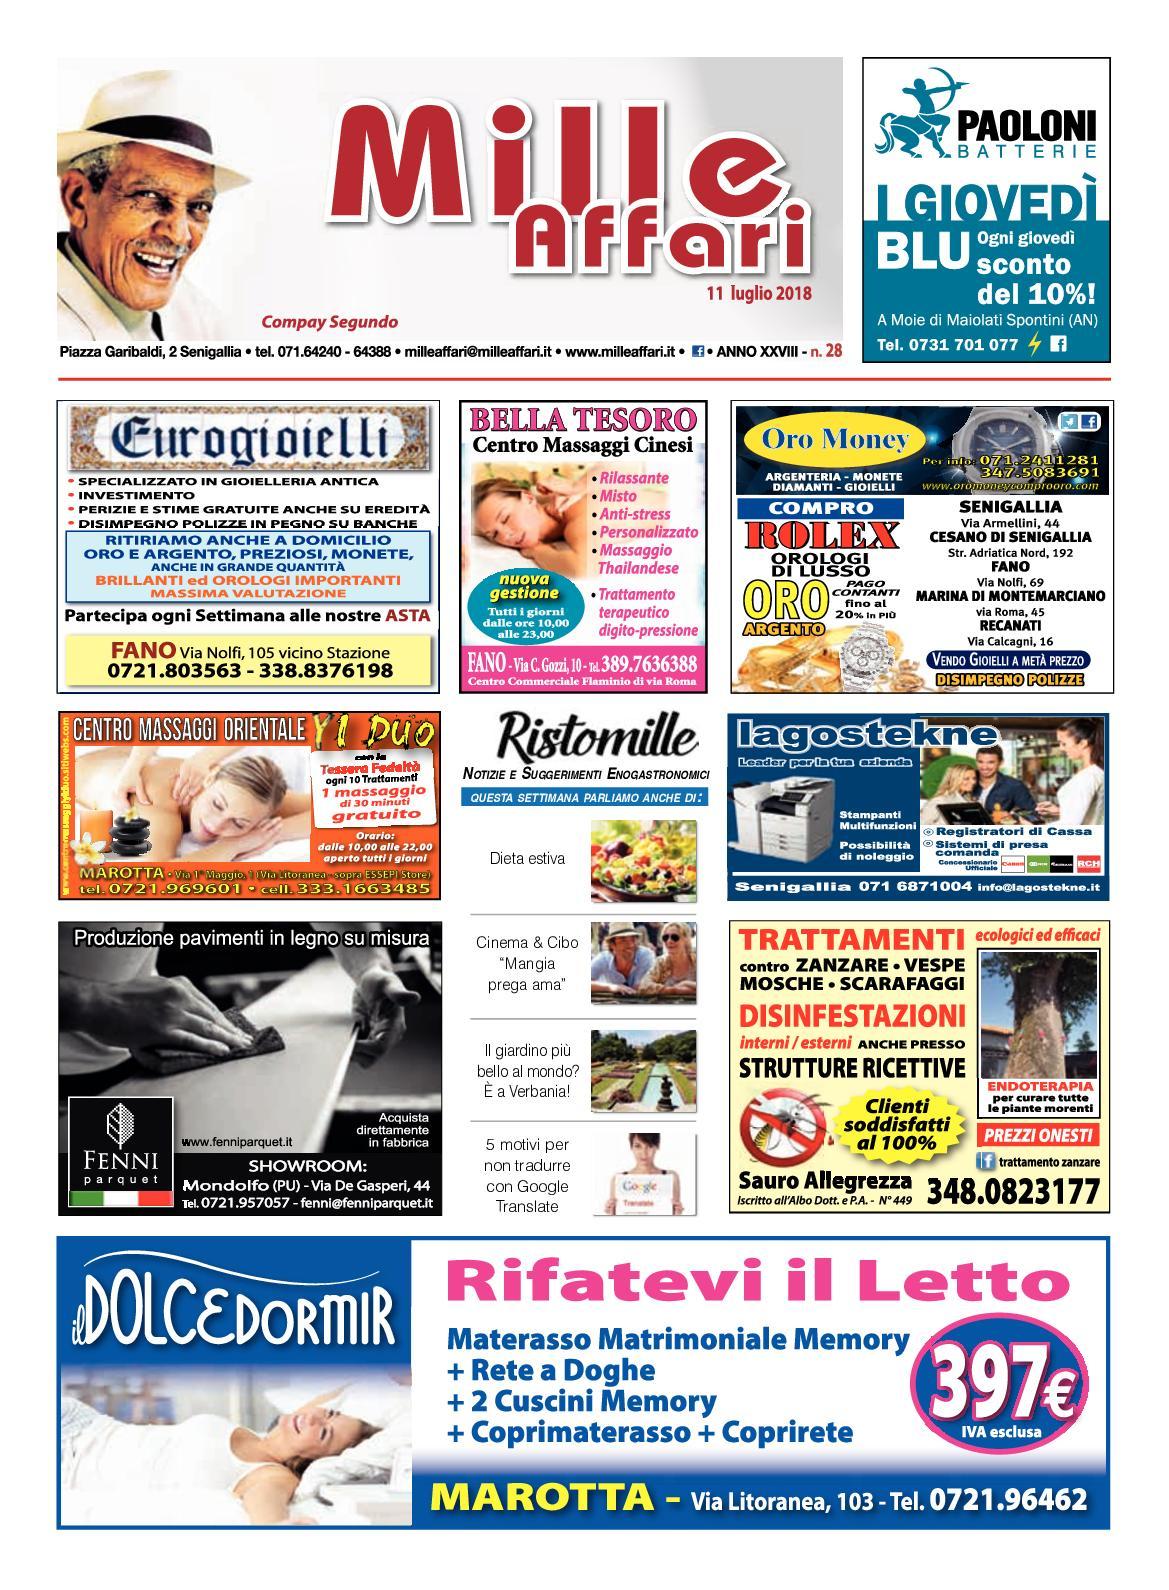 Regatta Donna//Ragazze Rosa Grigio Pietra Corto Pantaloni Estate 5-16 ANNI NUOVO CON ETICHETTA